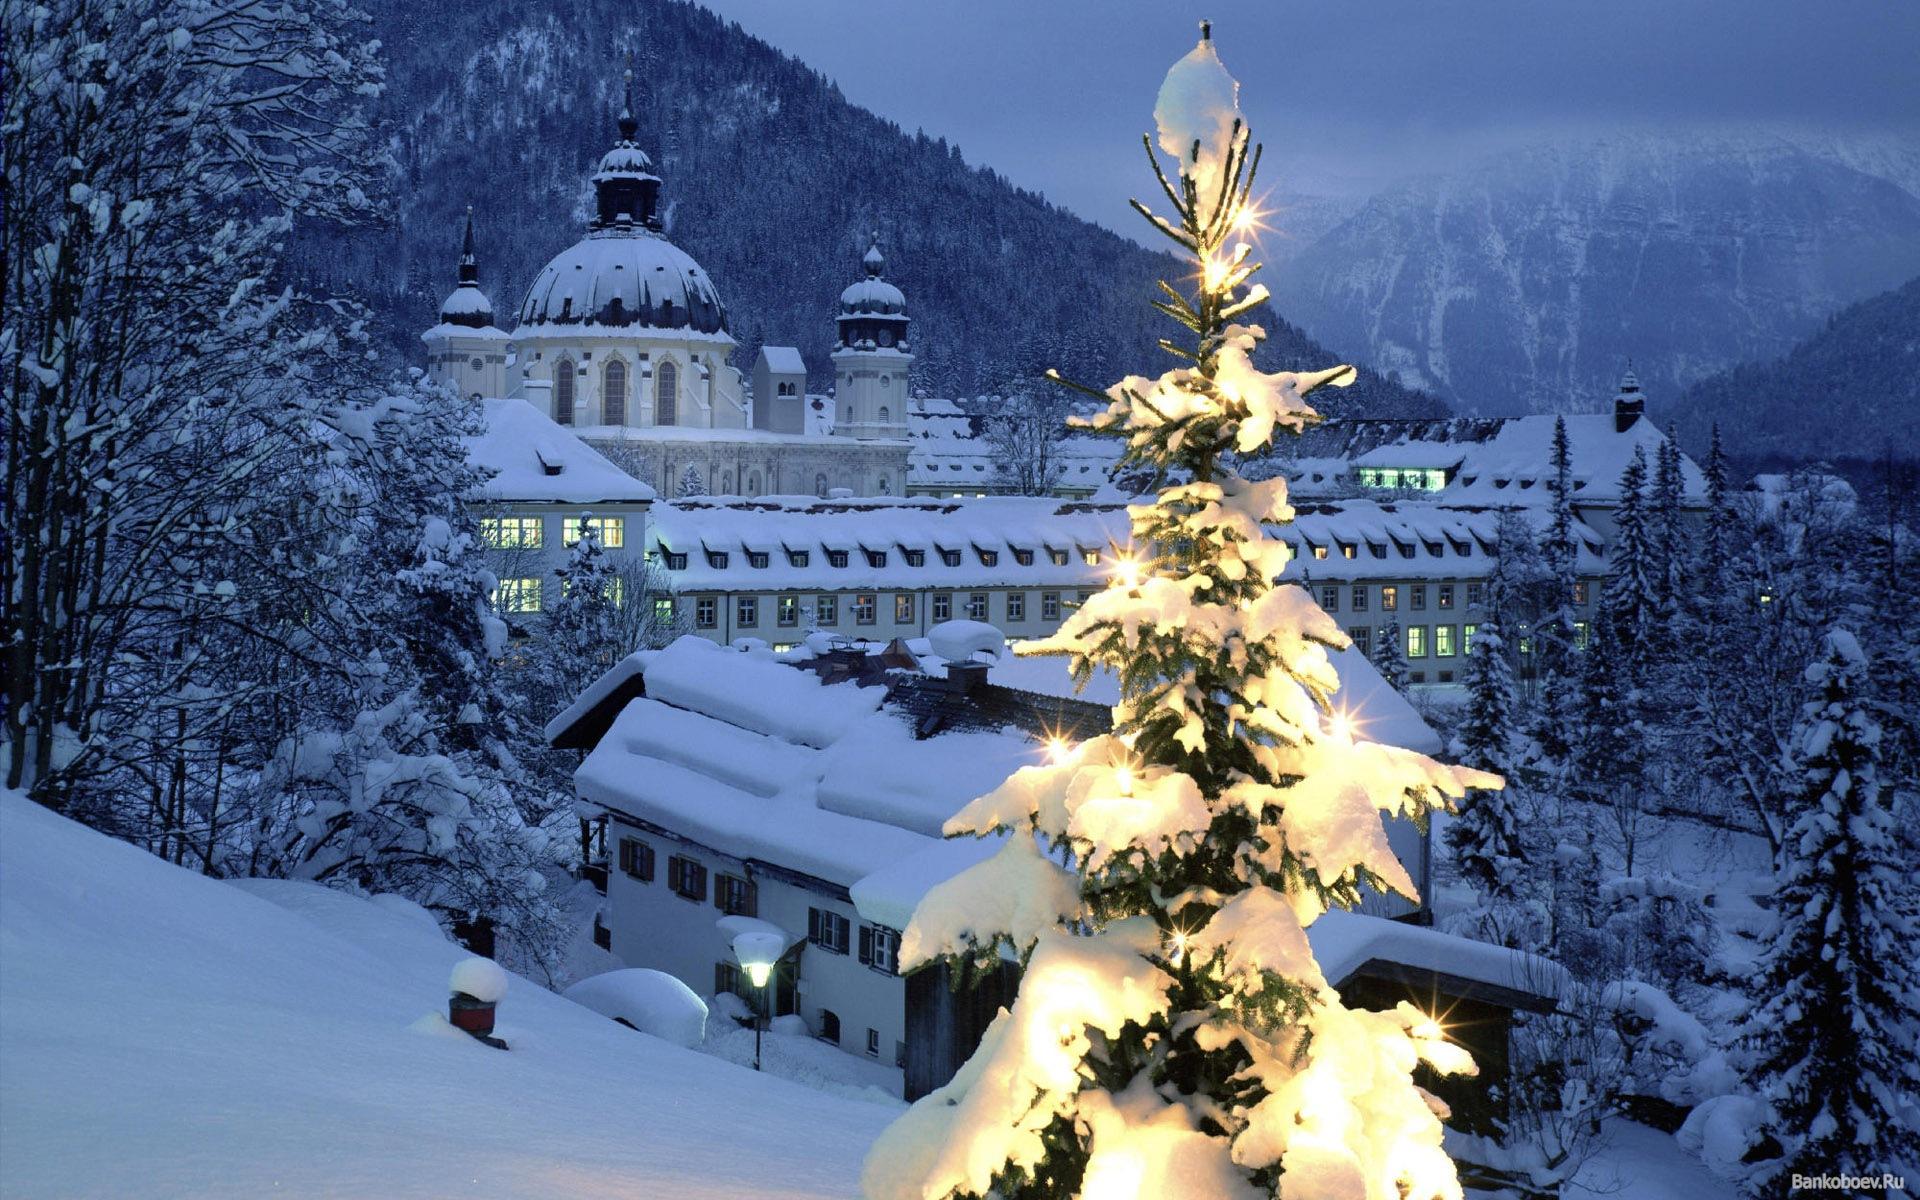 Popular Wallpaper Mountain Christmas - Christmas_wallpapers_Christmas_in_the_mountains_088651_  Best Photo Reference_96815.jpg